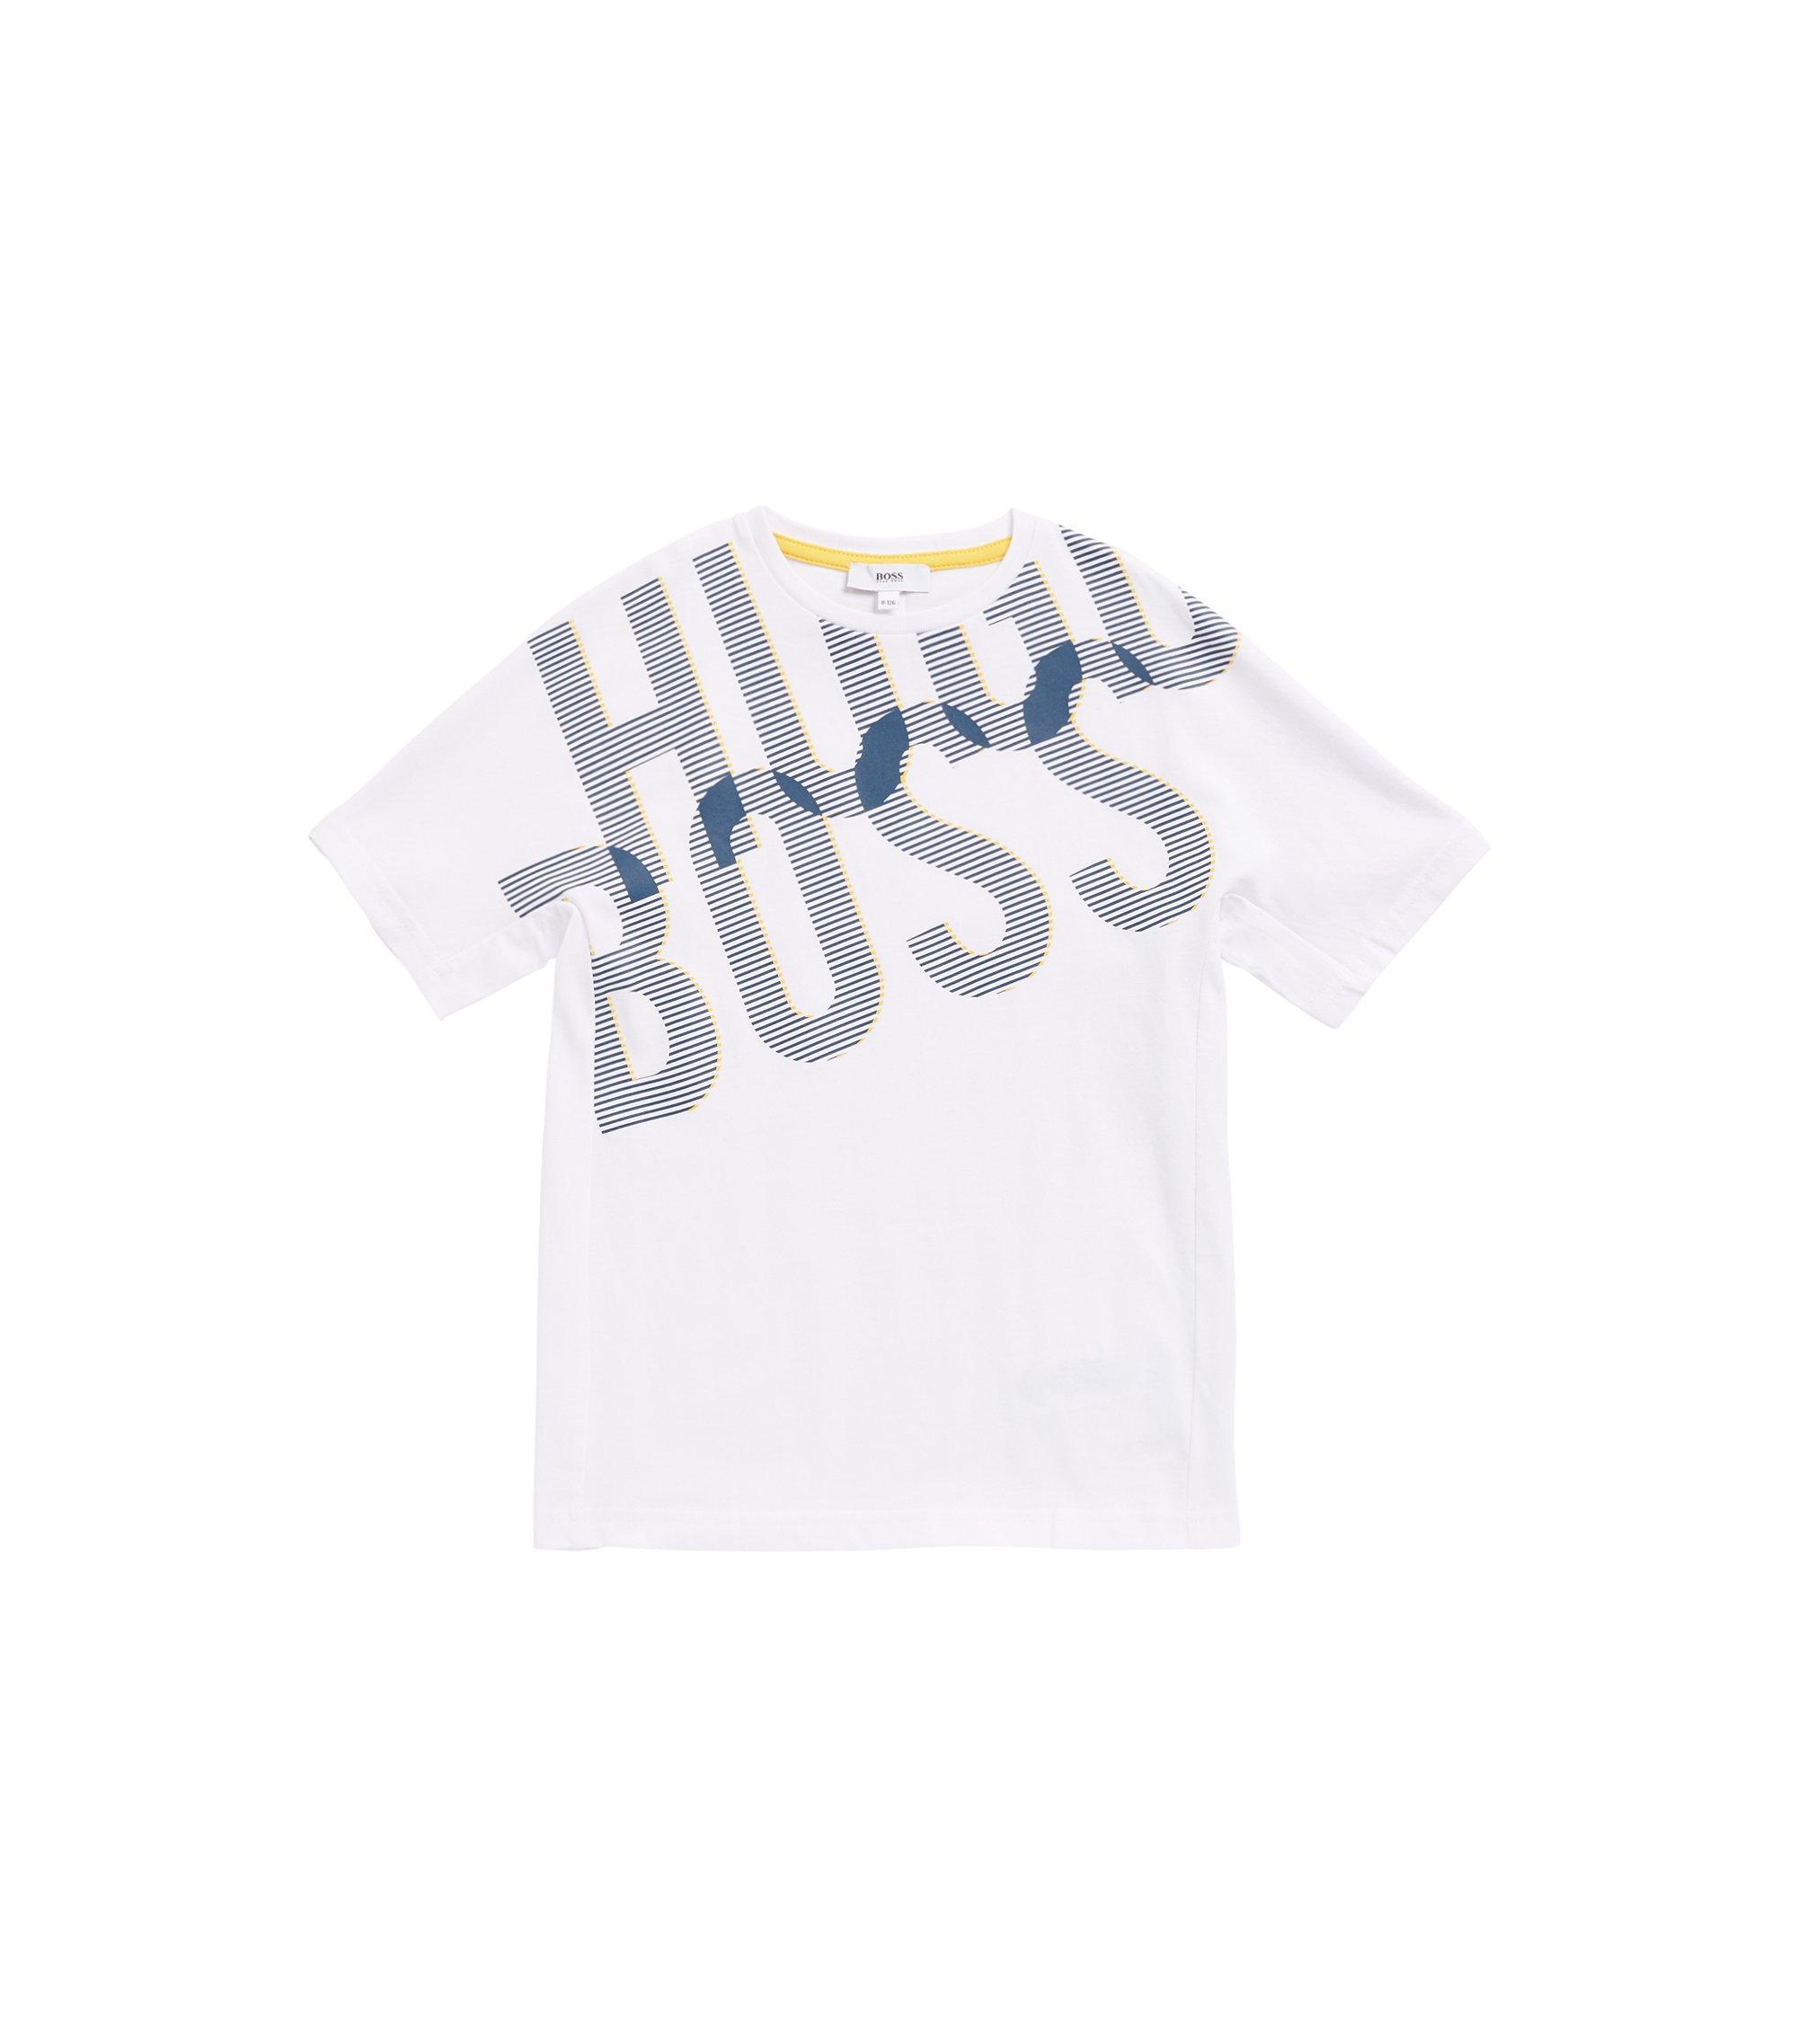 T-shirt Regular Fit pour enfant à logo imprimé haute densité, Blanc